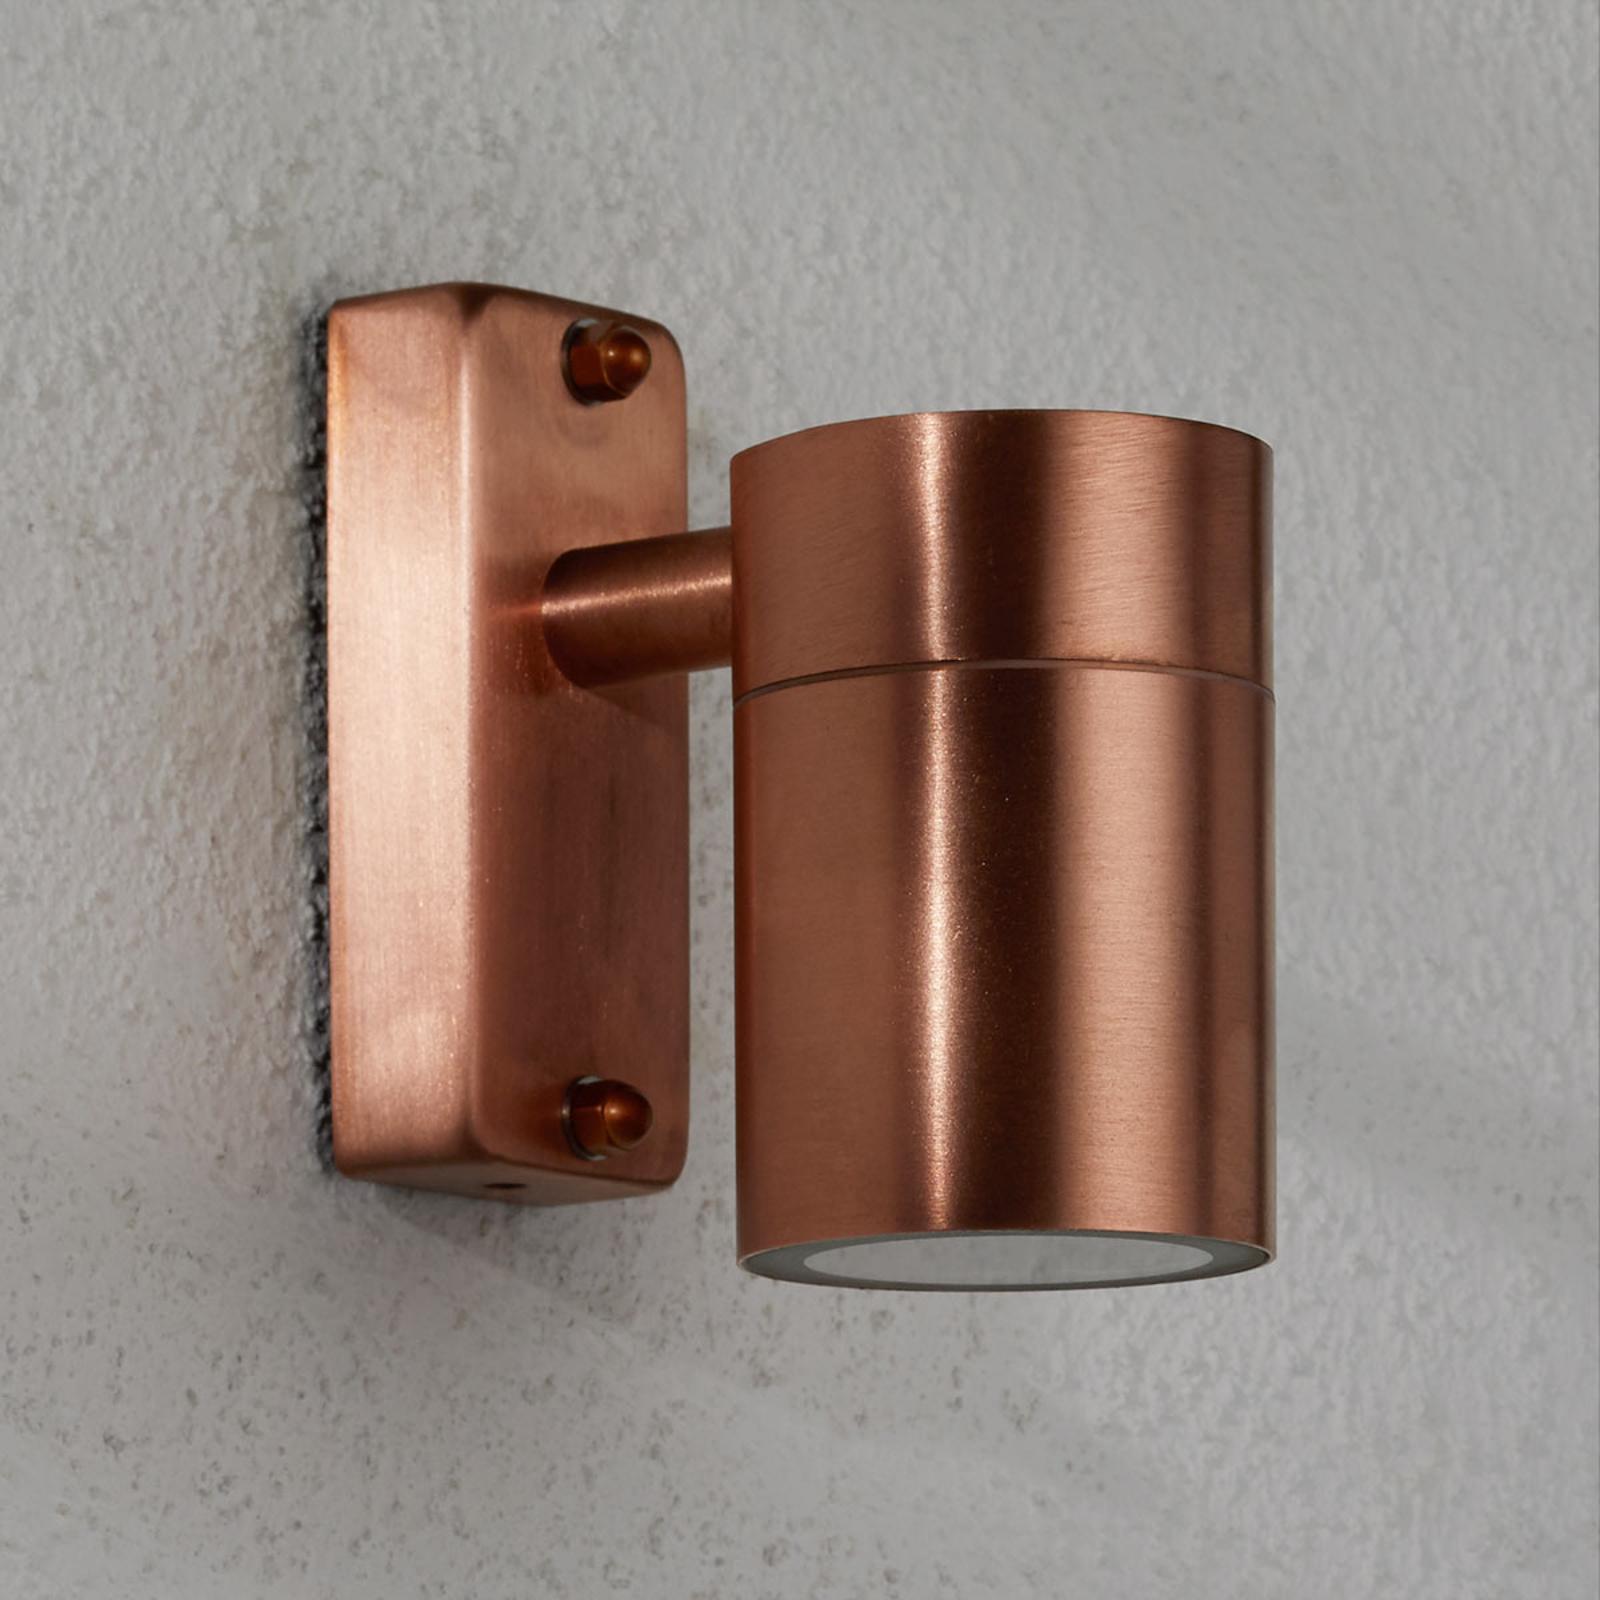 Applique d'extérieur TIN cuivre